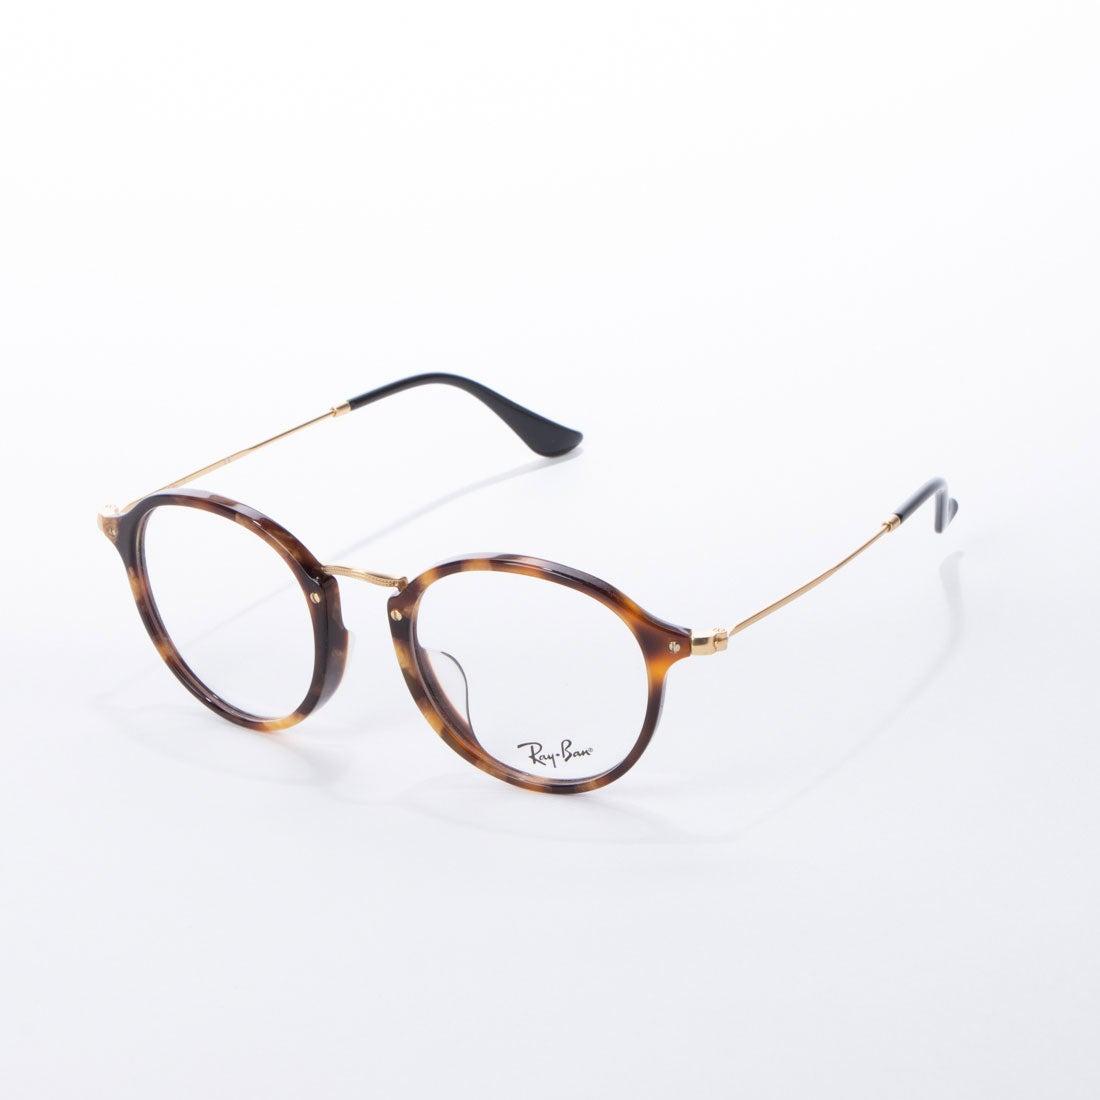 レイバン Ray-Ban メガネ 眼鏡 アイウェア レディース メンズ (ハバナ)